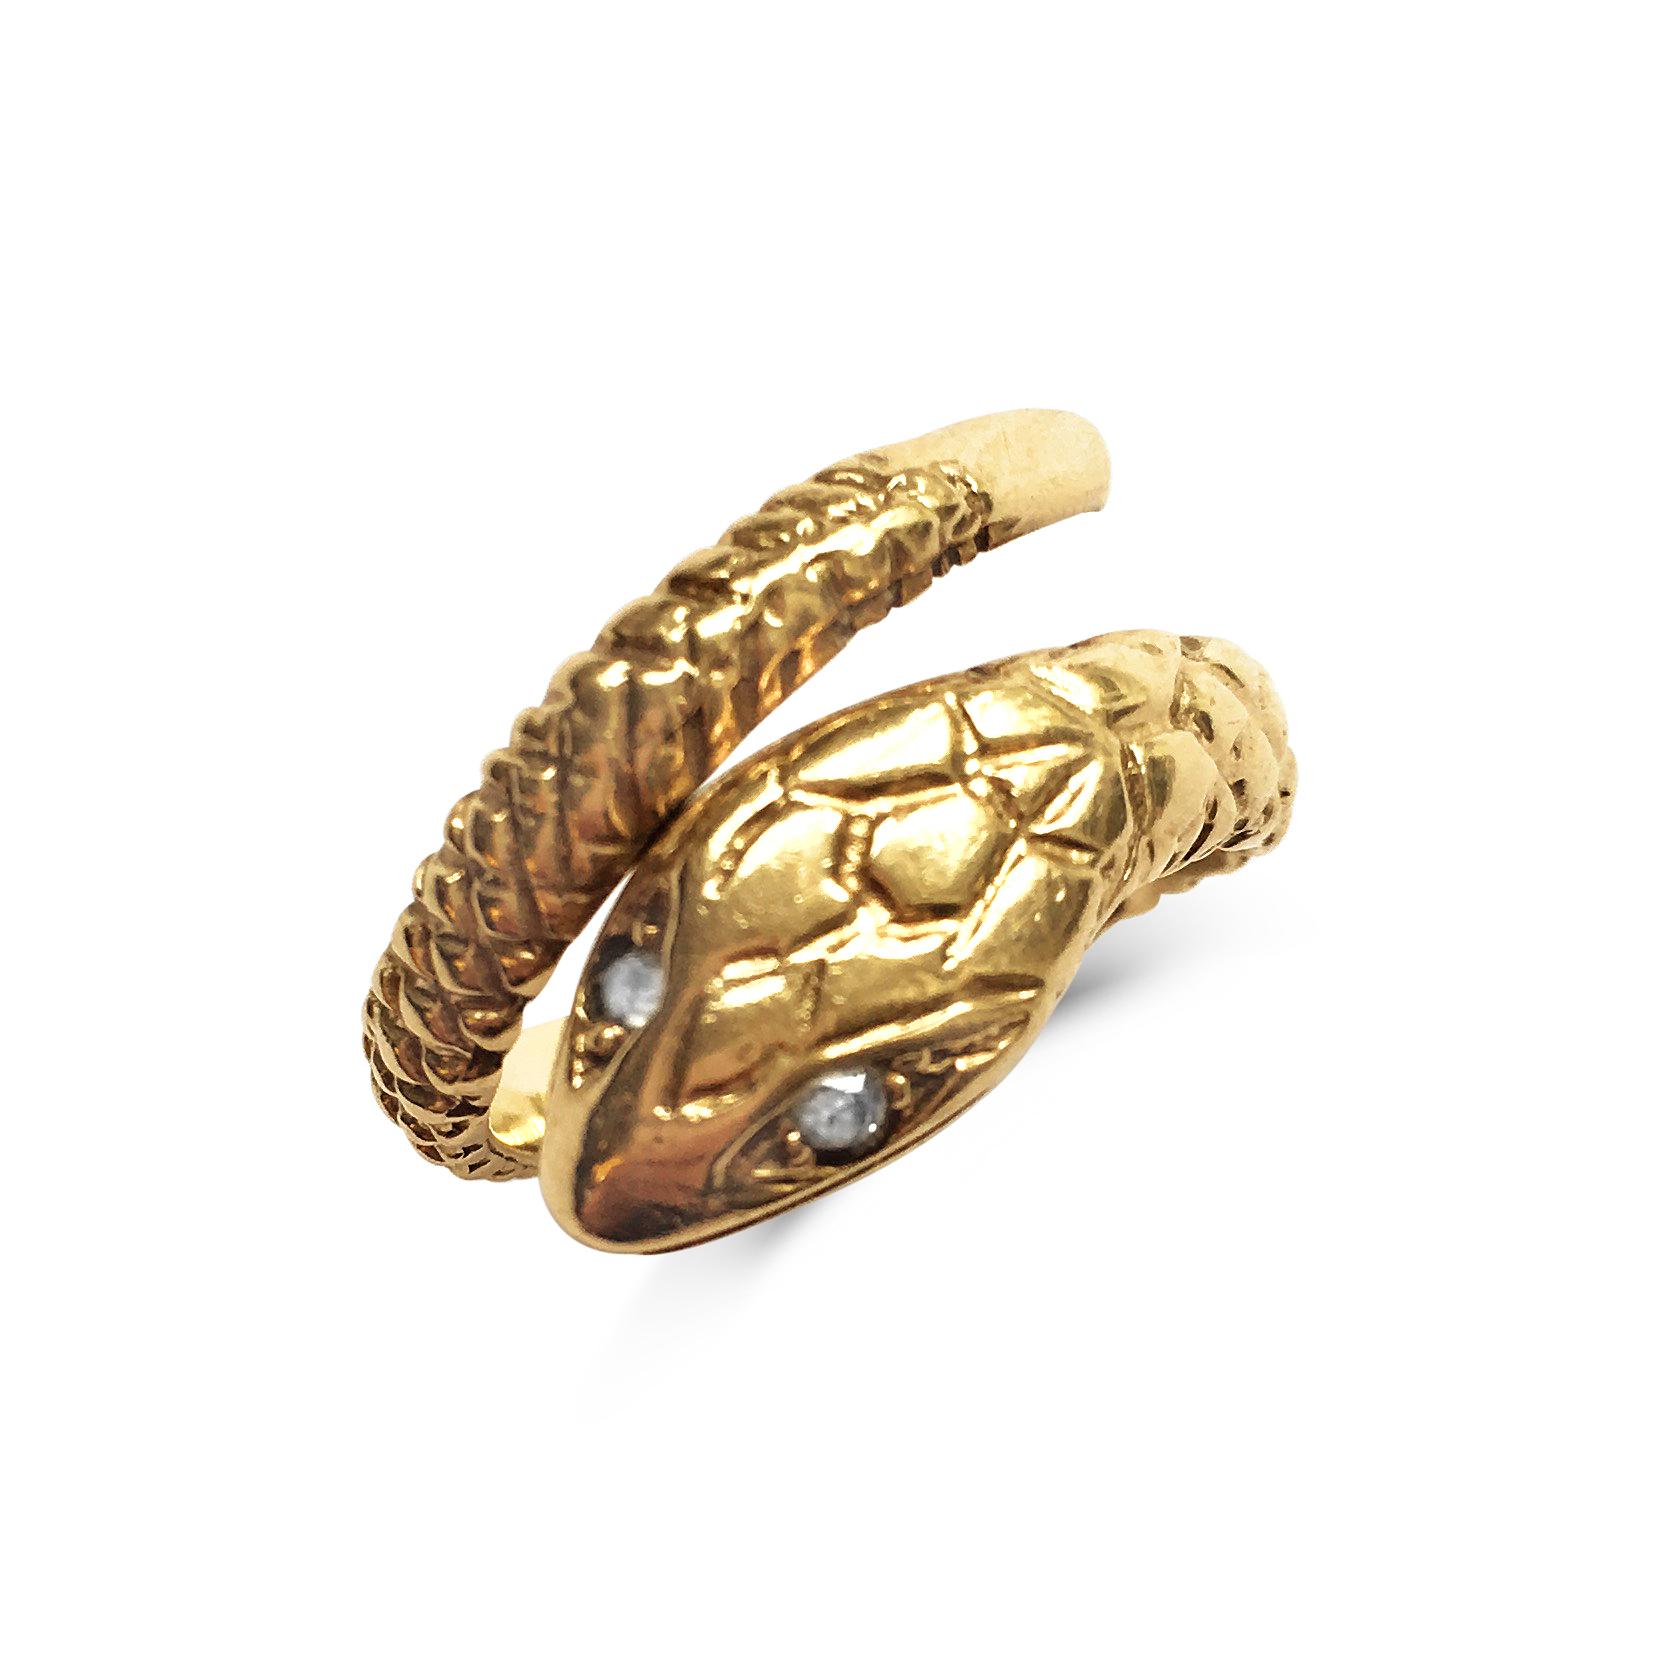 Vintage Gold Snake Ring Top